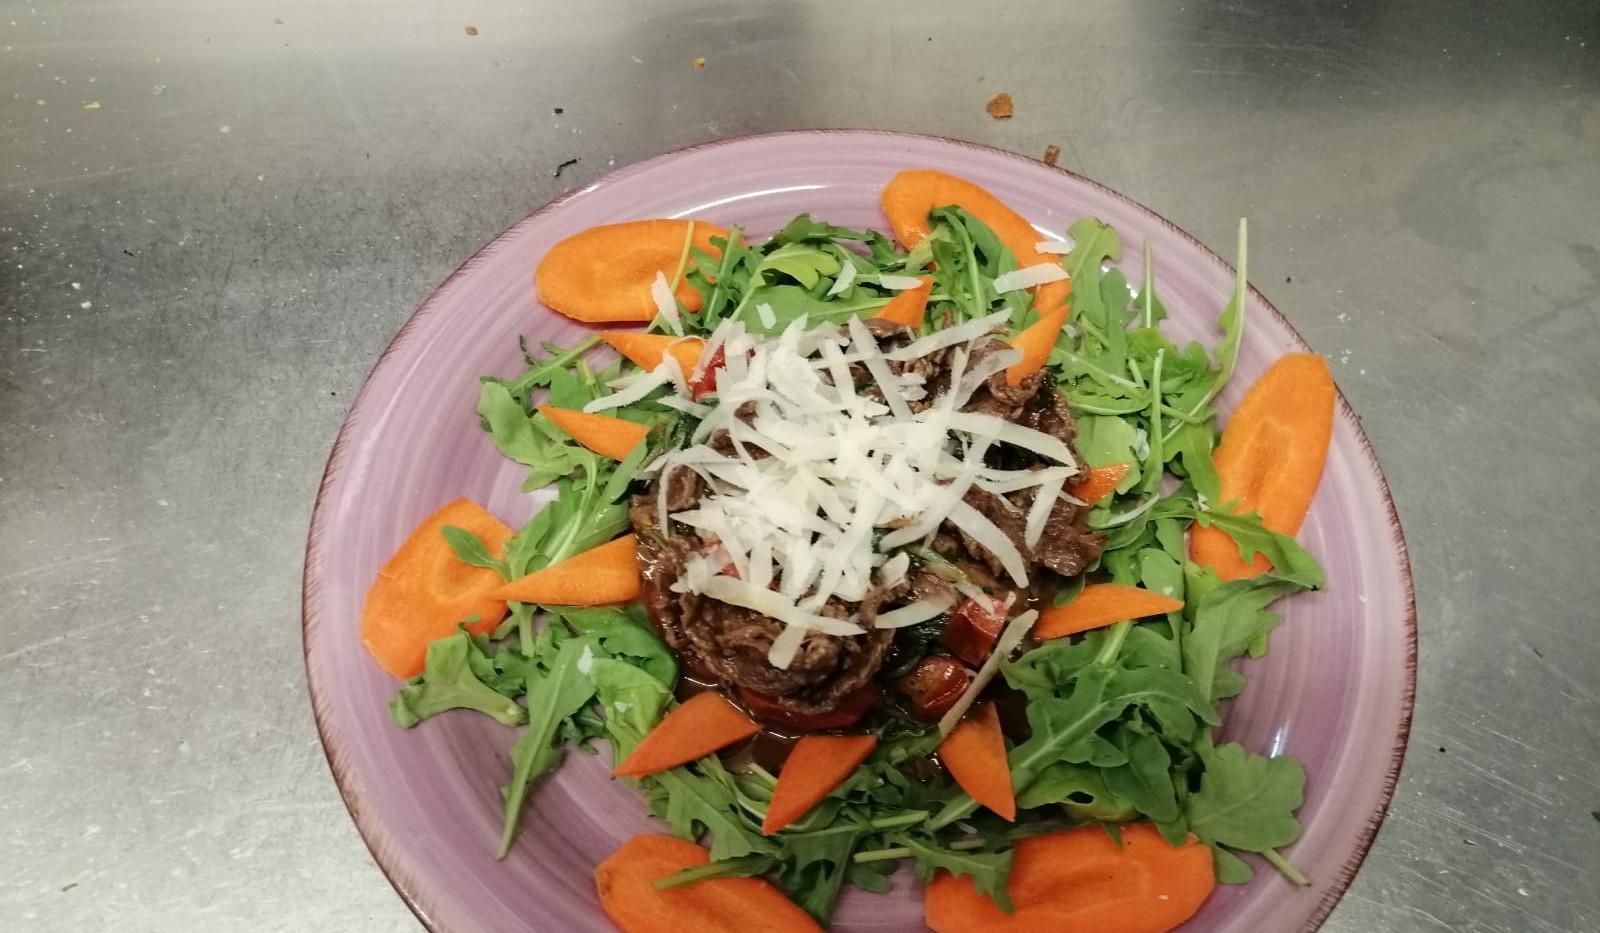 straccetti di carne danese rucola pachino parmigiano  #osteriadarbruttone